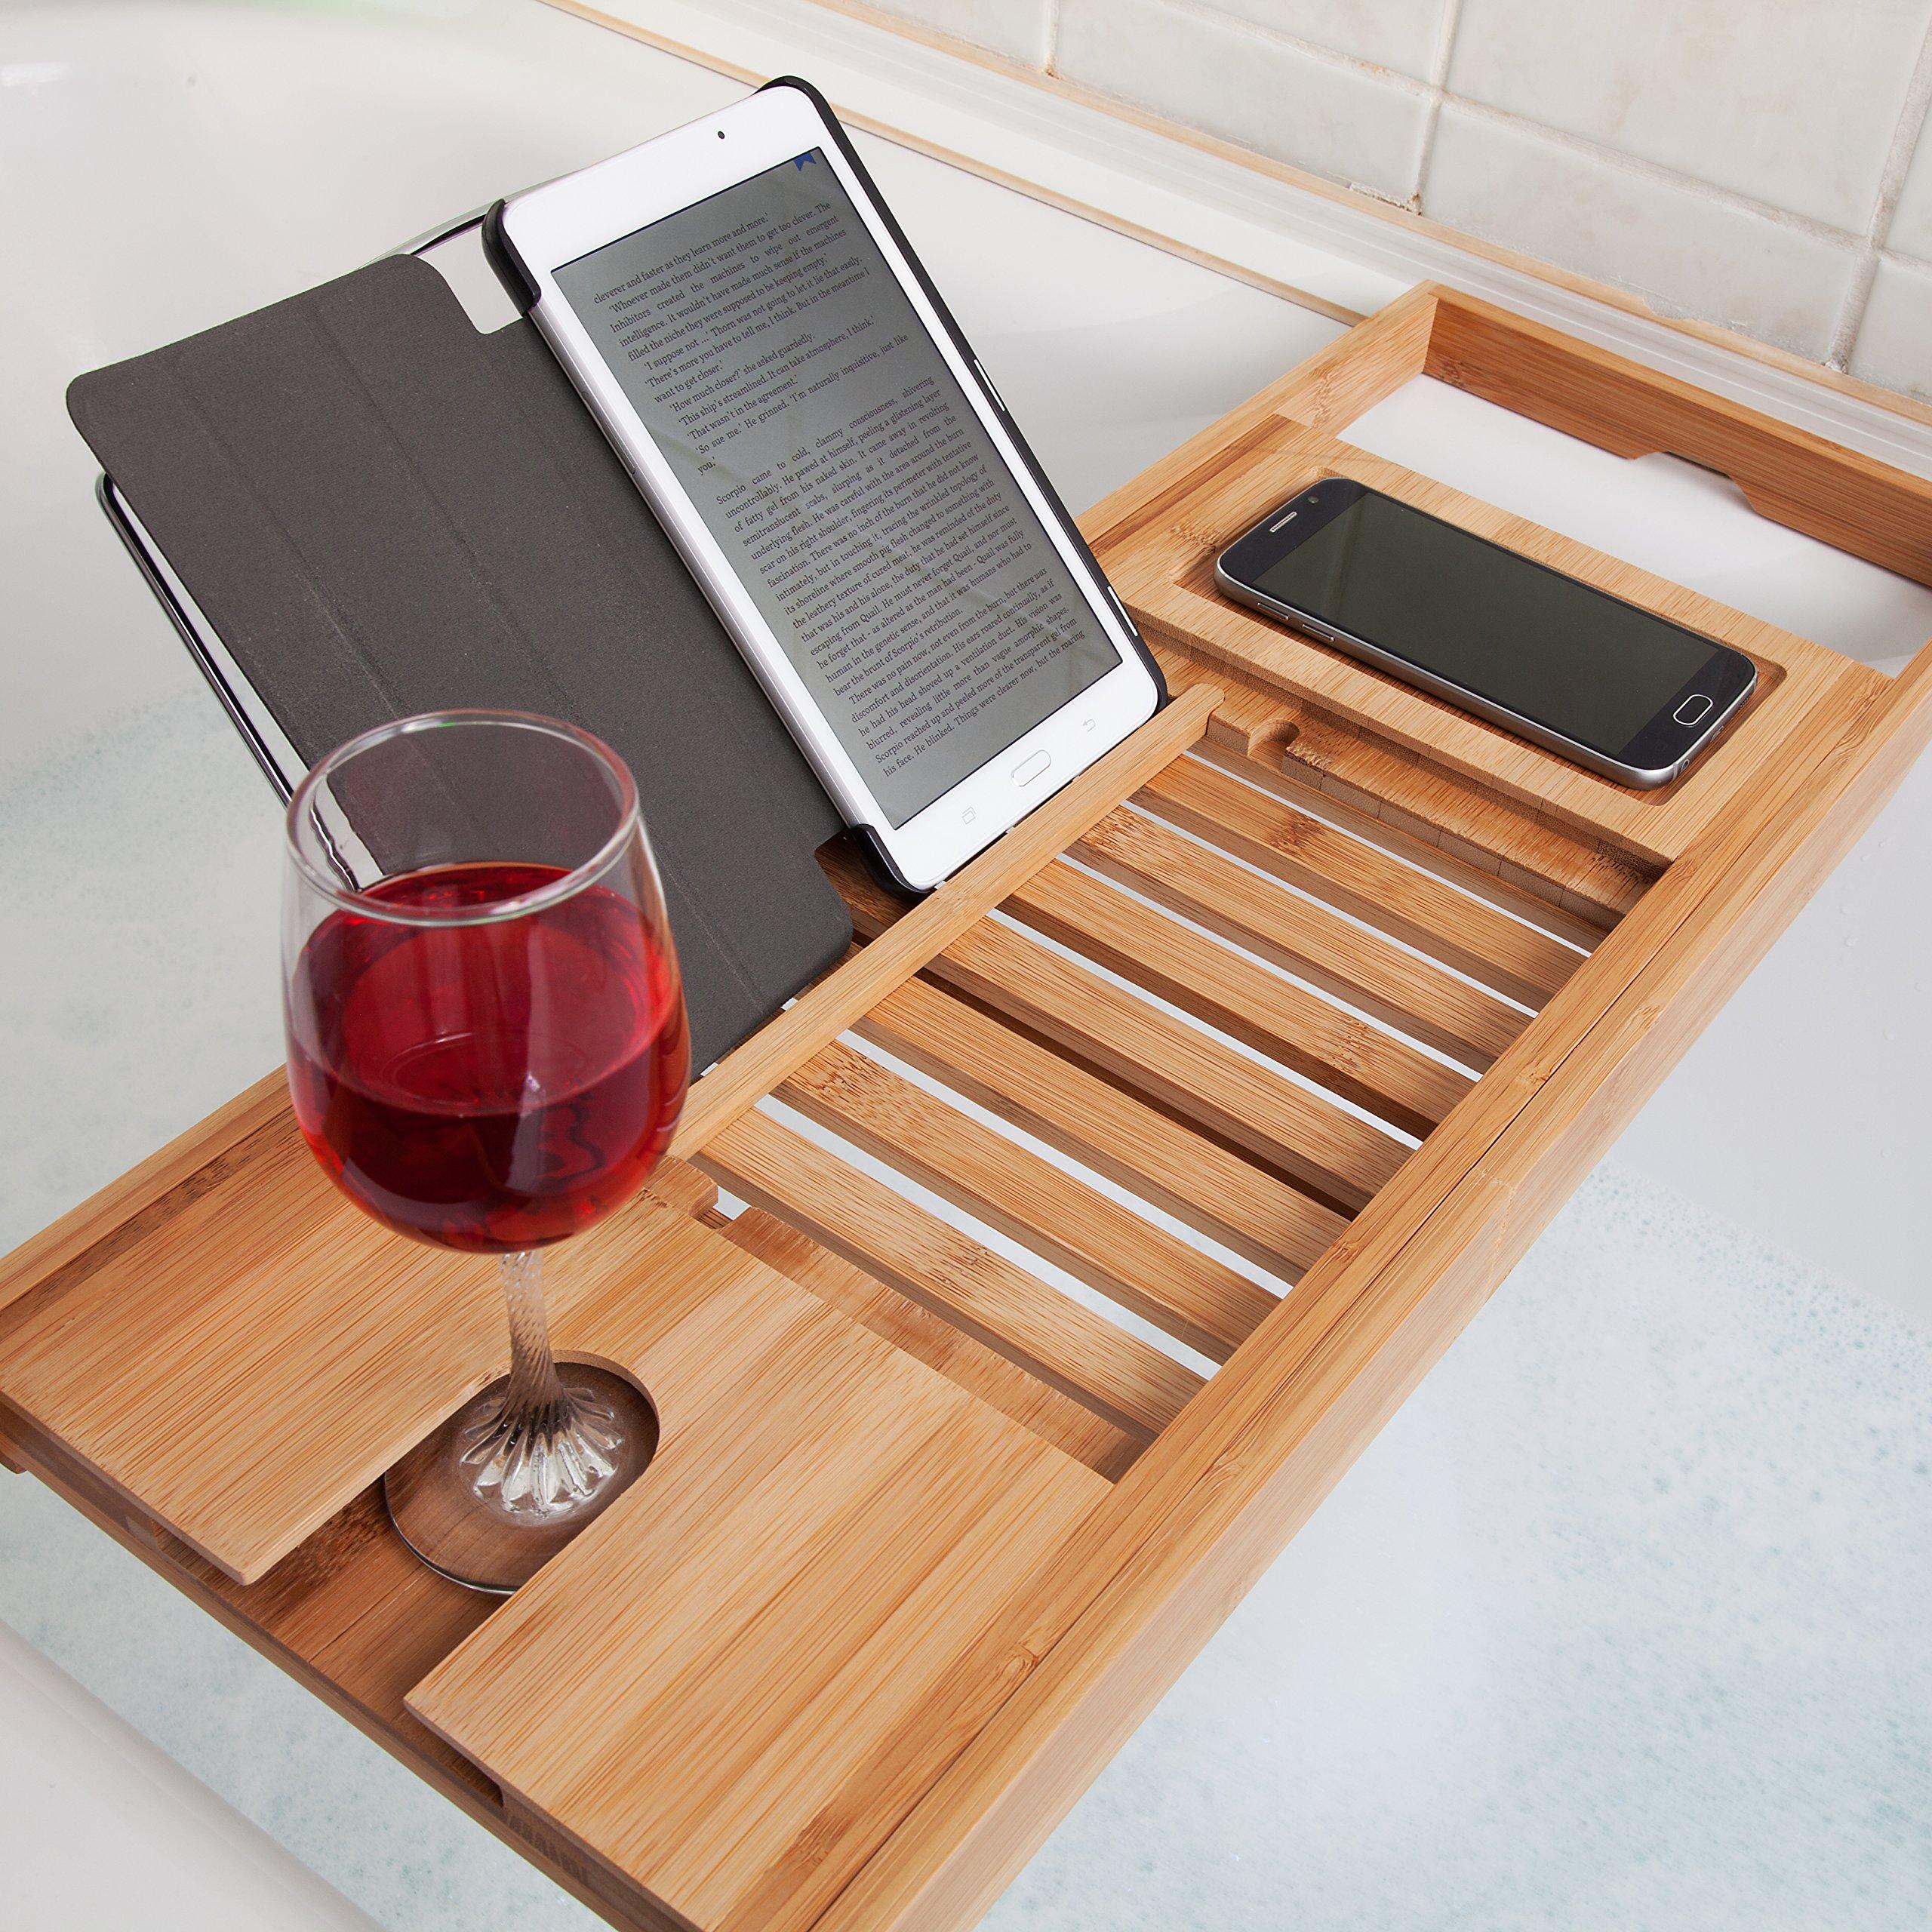 WoodLuv Luxury Bath Bridge Tub Caddy Tray Rack Bathroom Shel ...